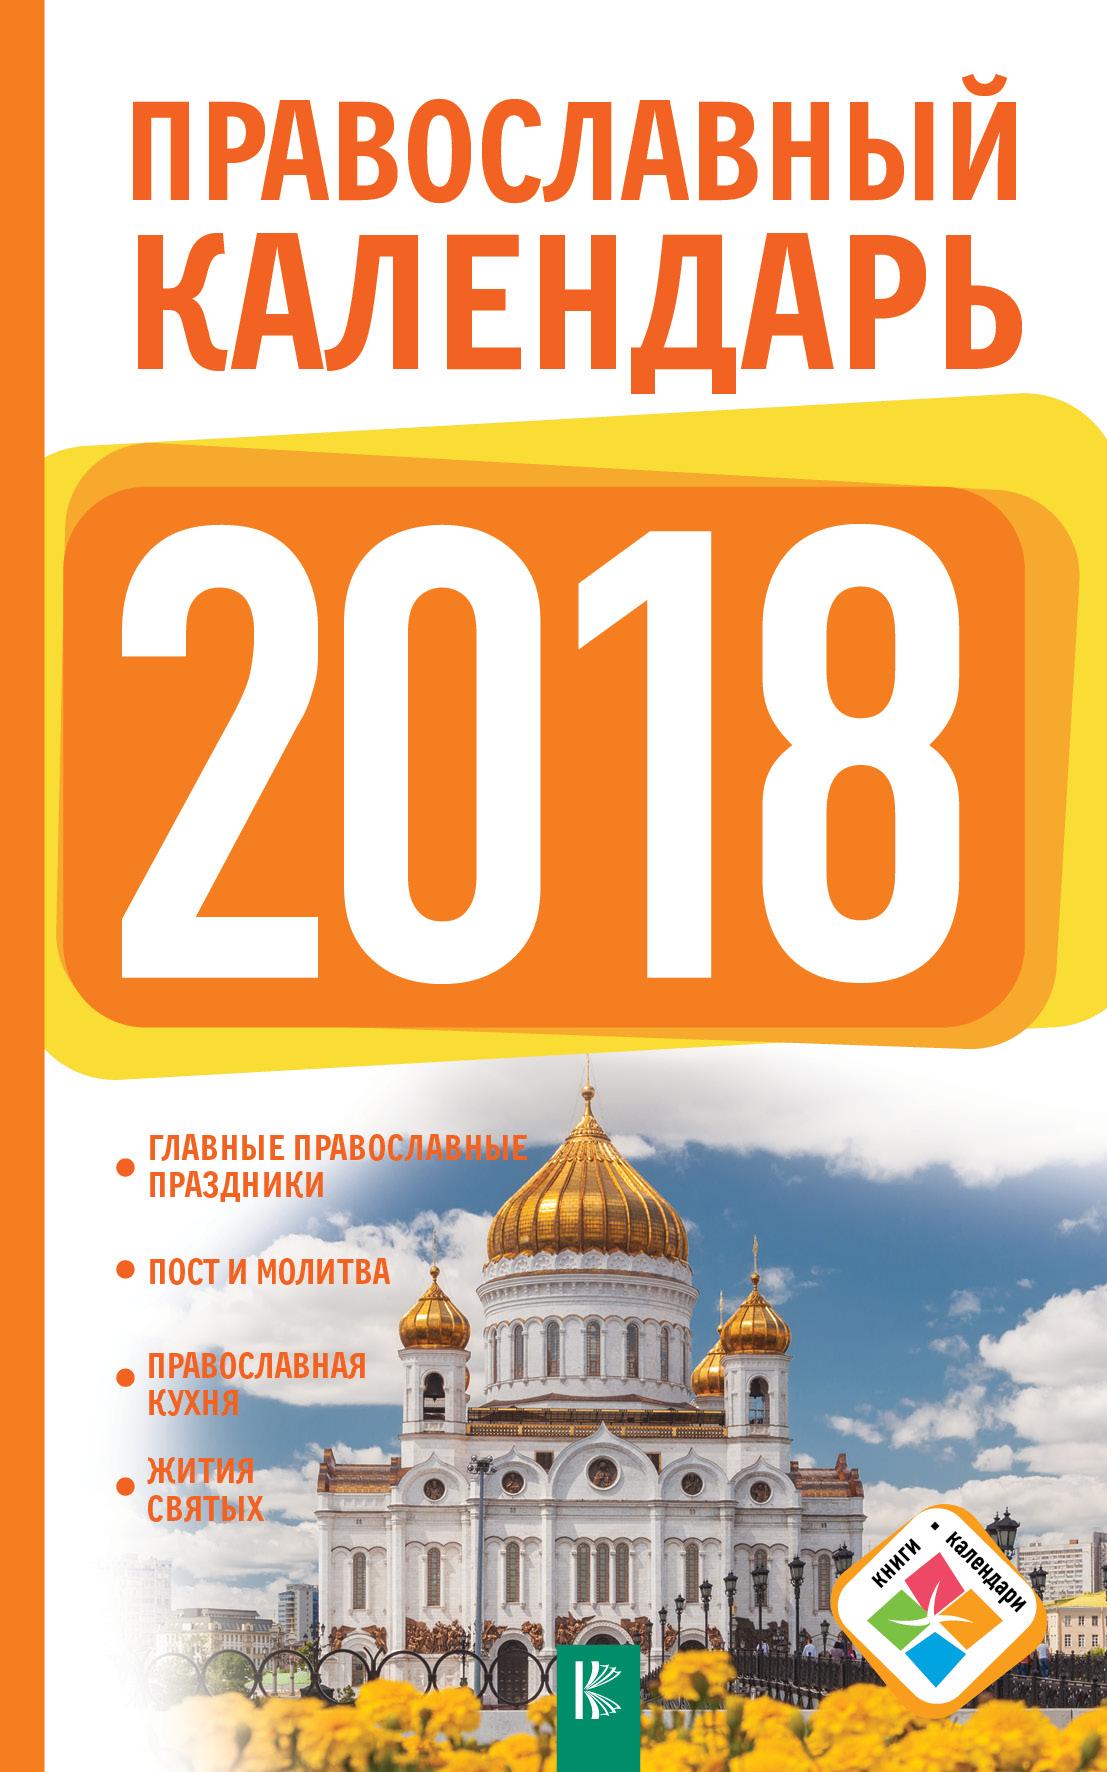 Хорсанд Д.В. Православный календарь на 2018 год год с афонскими старцами православный календарь на 2018 год